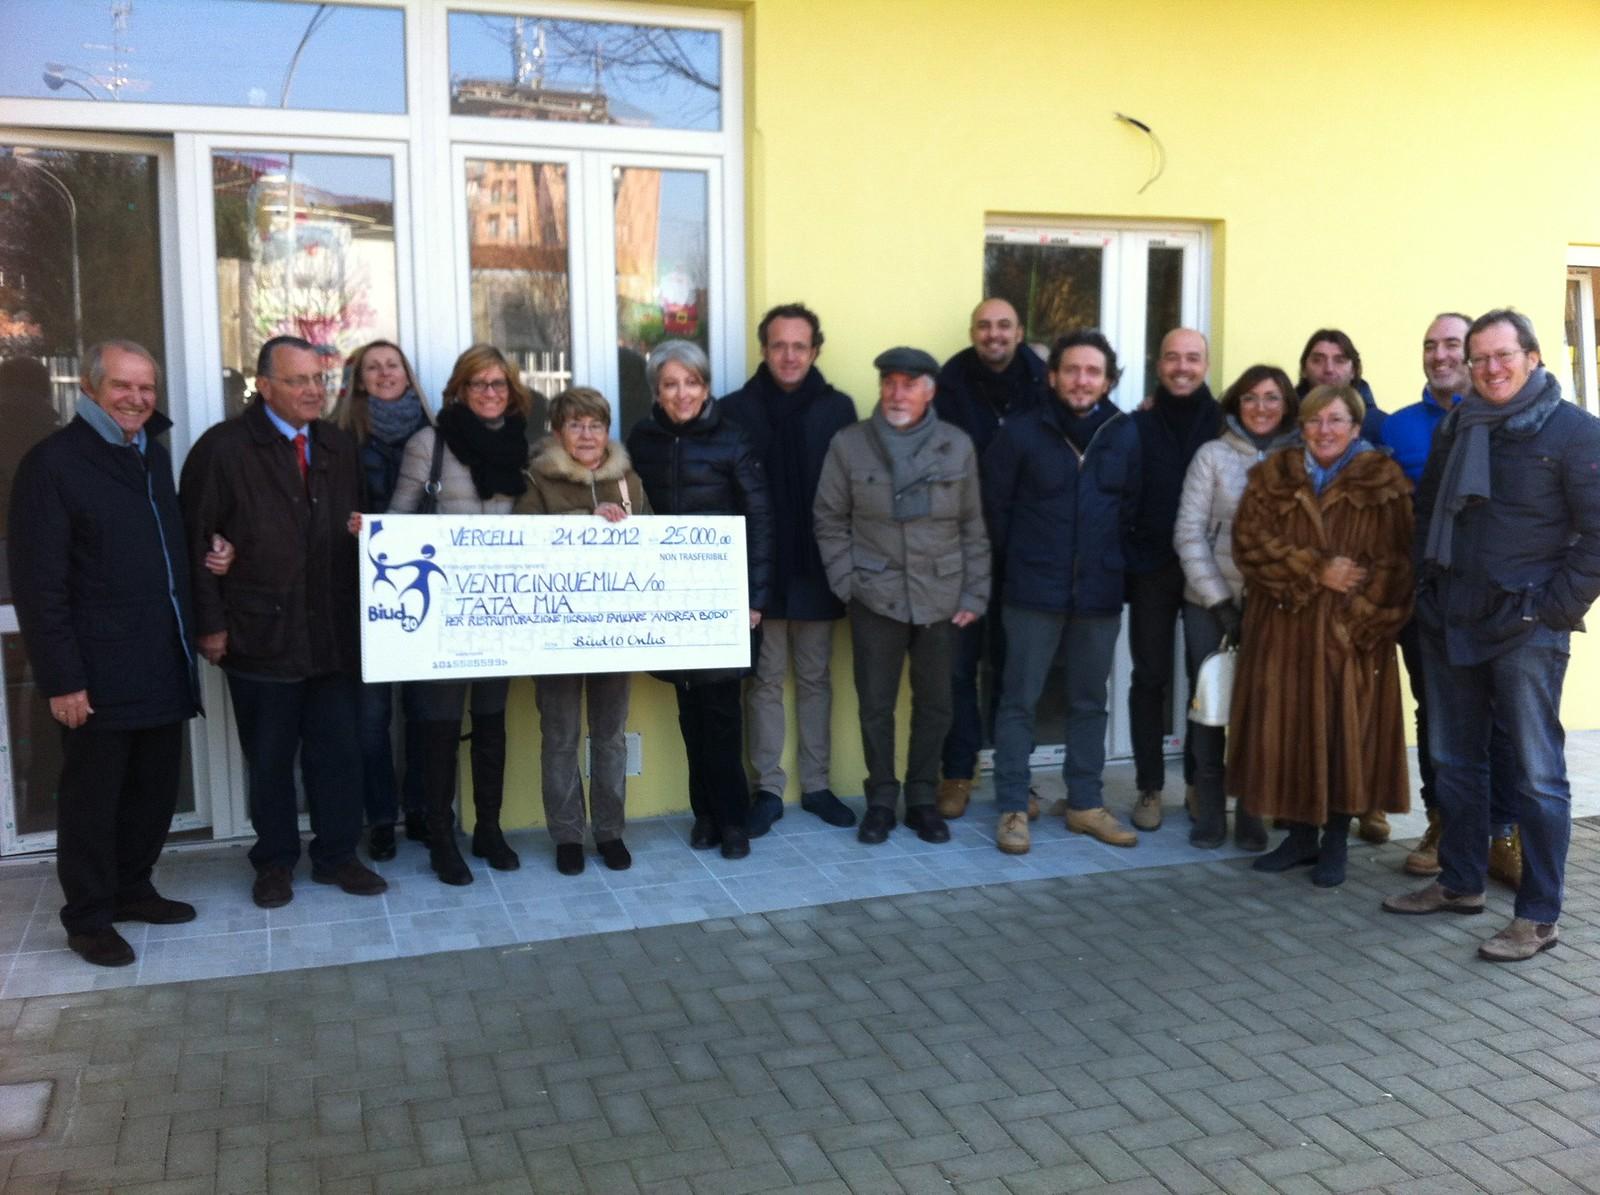 21/12/2012 Consegna assegno di 25.000,00 Euro a Tata Mia - Foto di Massimiliano Muraro